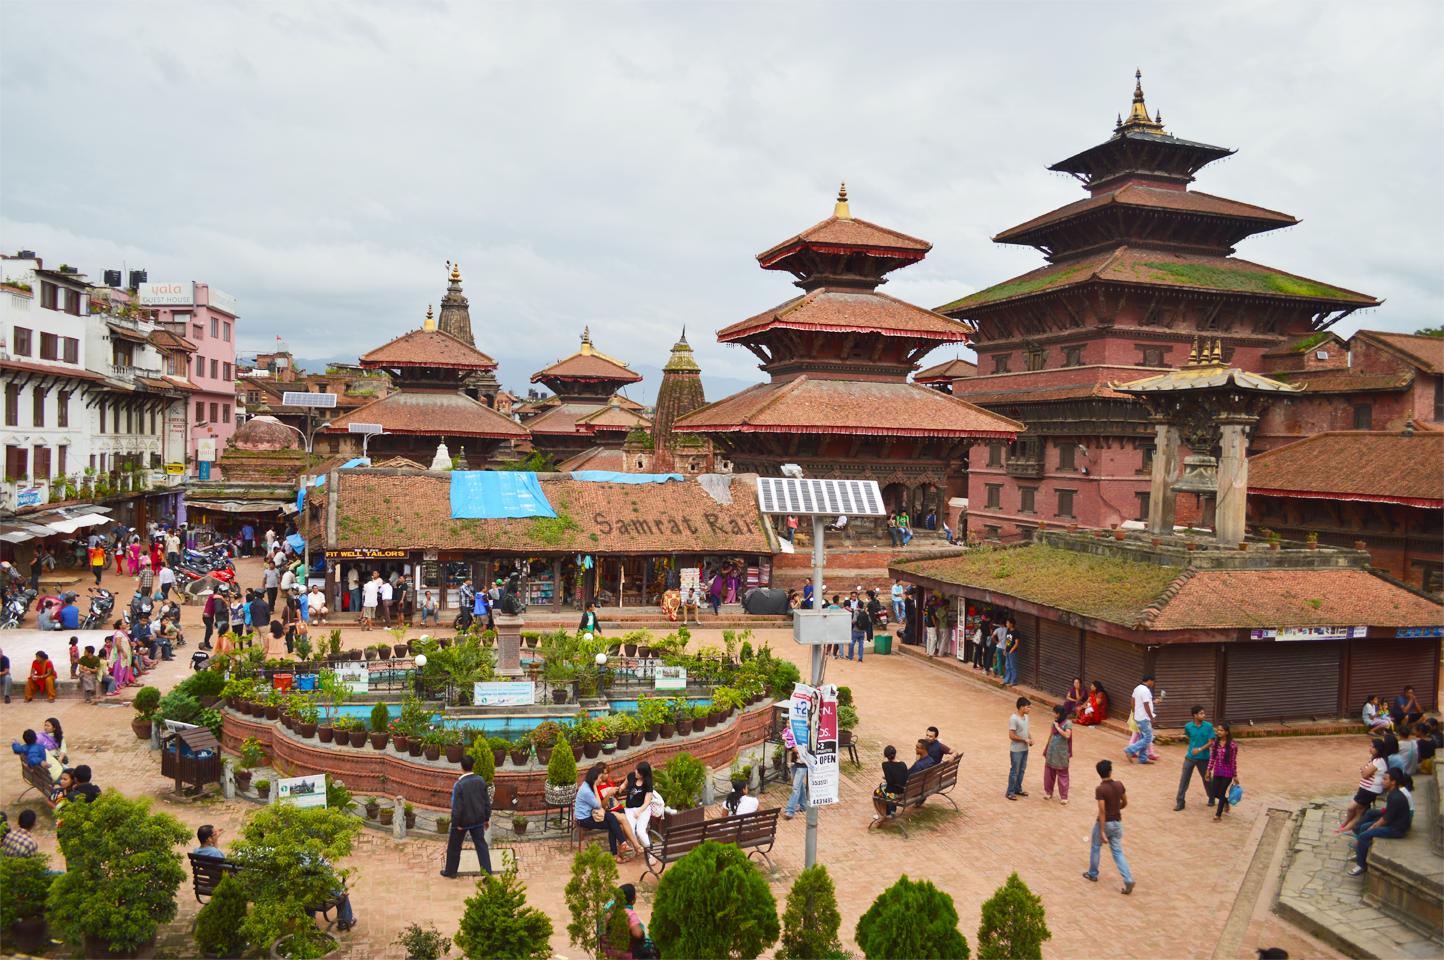 Durbar Square before the 2015 Earthquake in Kathmandu, Nepal